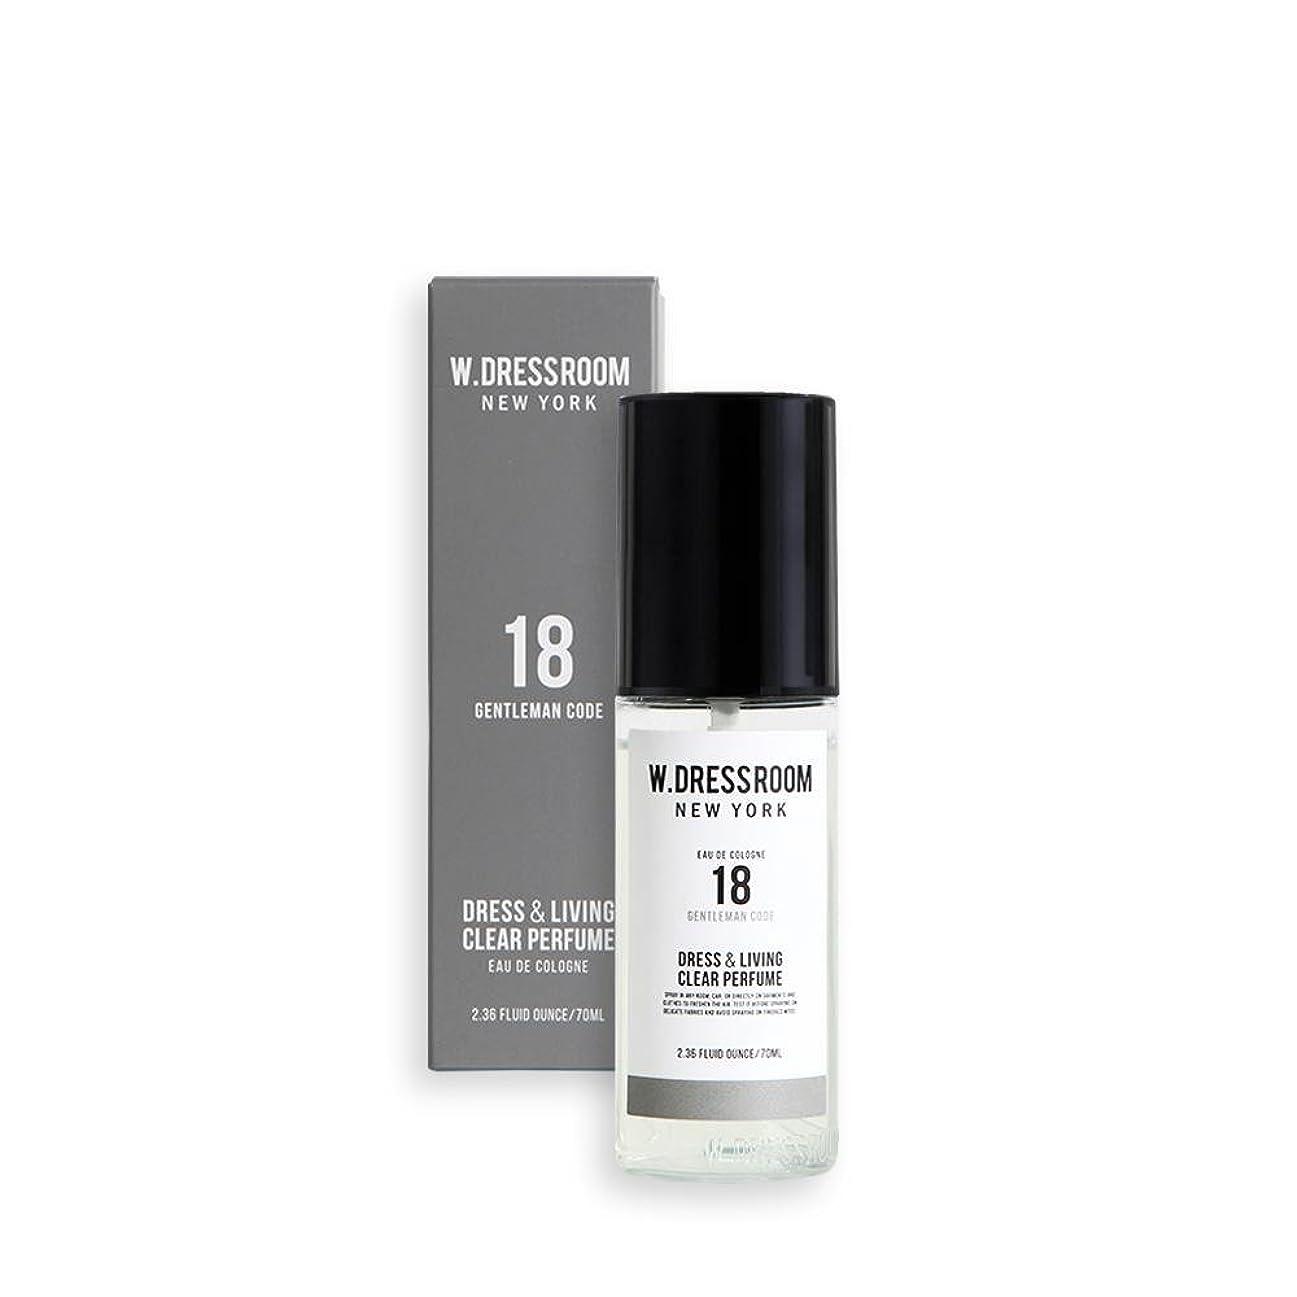 ロック解除アストロラーベティームW.DRESSROOM Dress & Living Clear Perfume fragrance 70ml (#No.18 Gentleman Code)/ダブルドレスルーム ドレス&リビング クリア パフューム 70ml (#No.18 Gentleman Code)